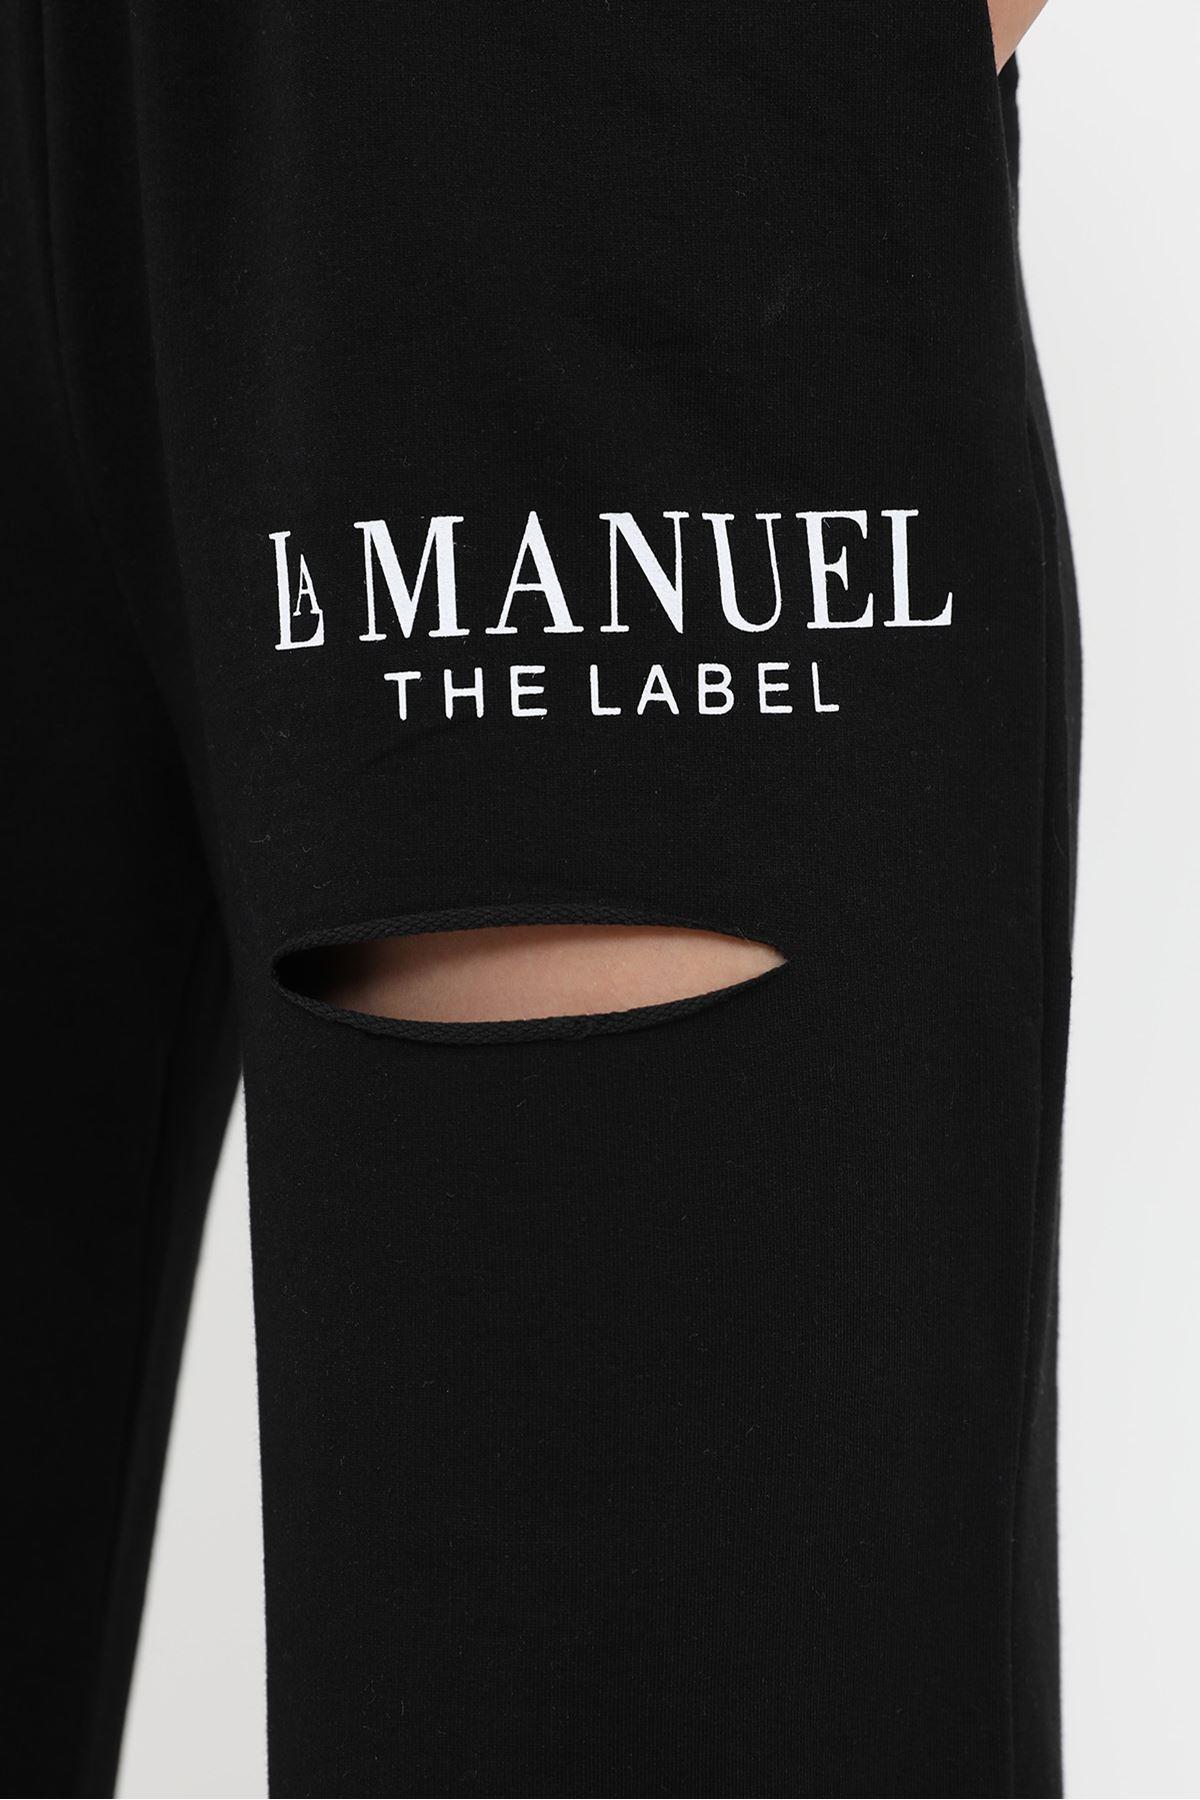 La Manuel Baskılı Eşofman Altı-Siyah